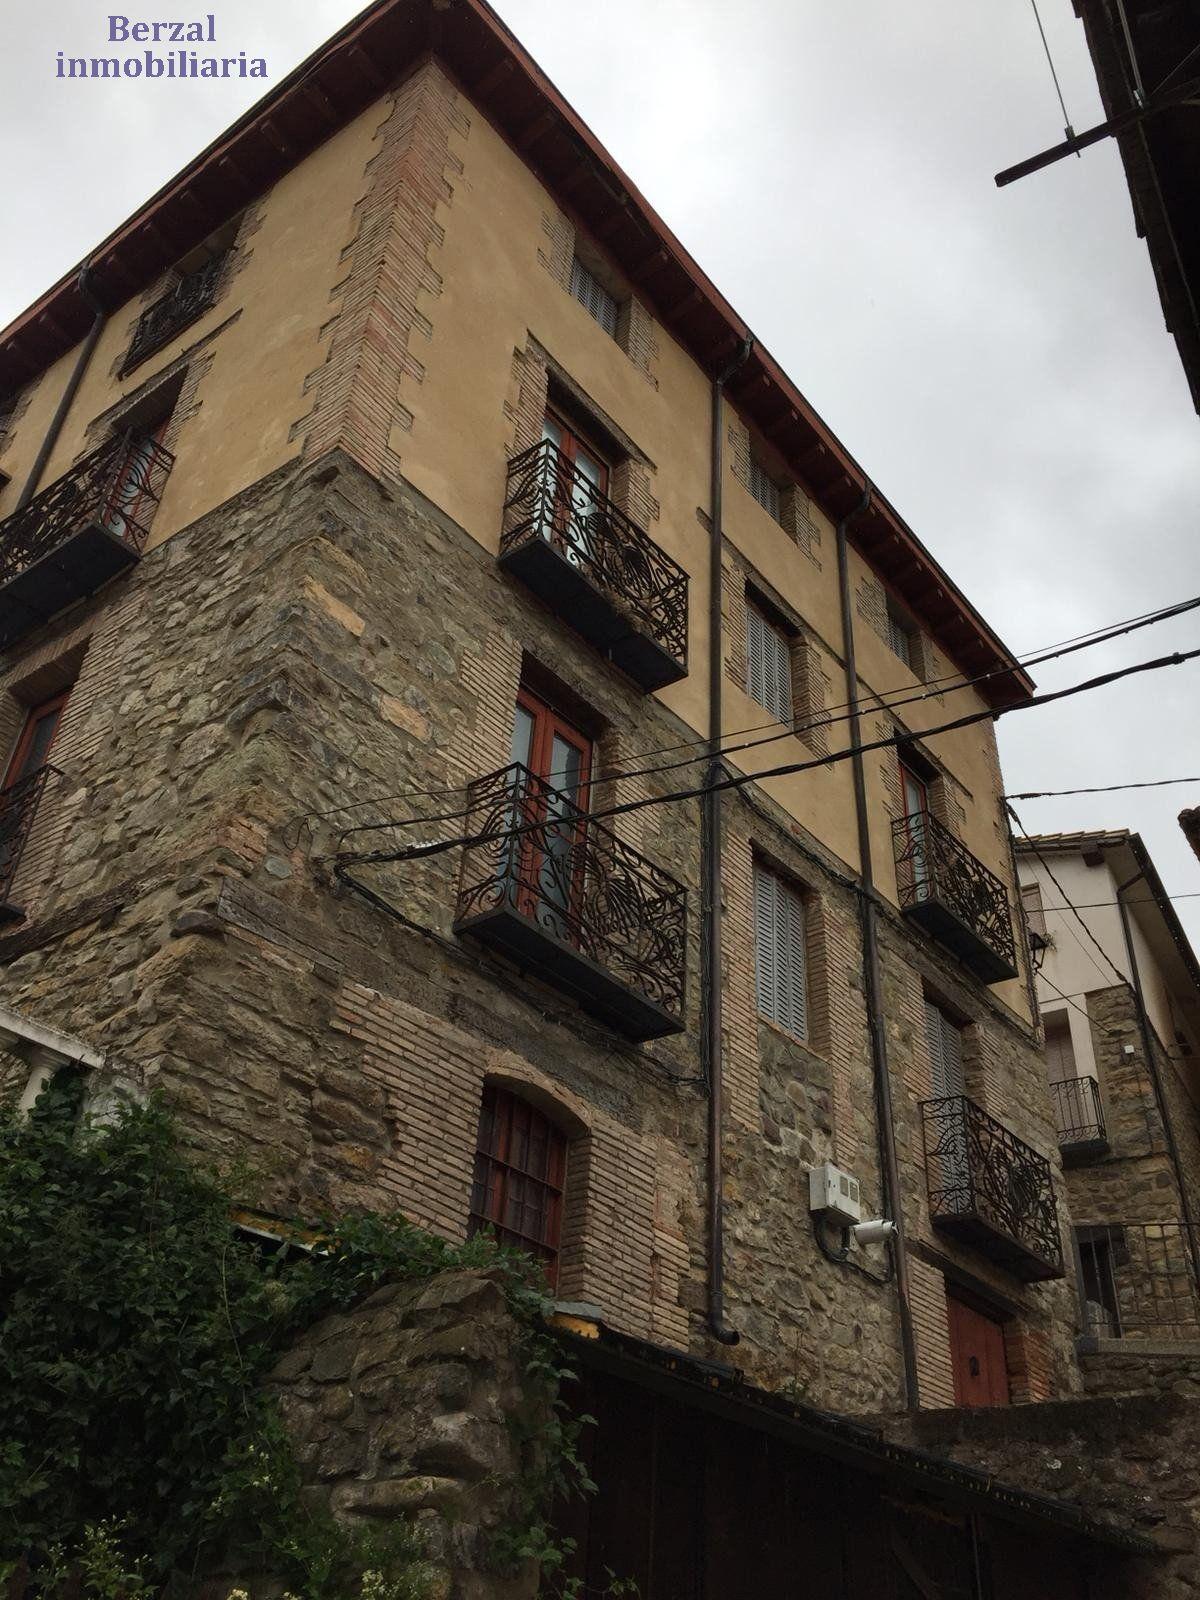 Apartamento, Plazuela, Venta - La Rioja (La Rioja)